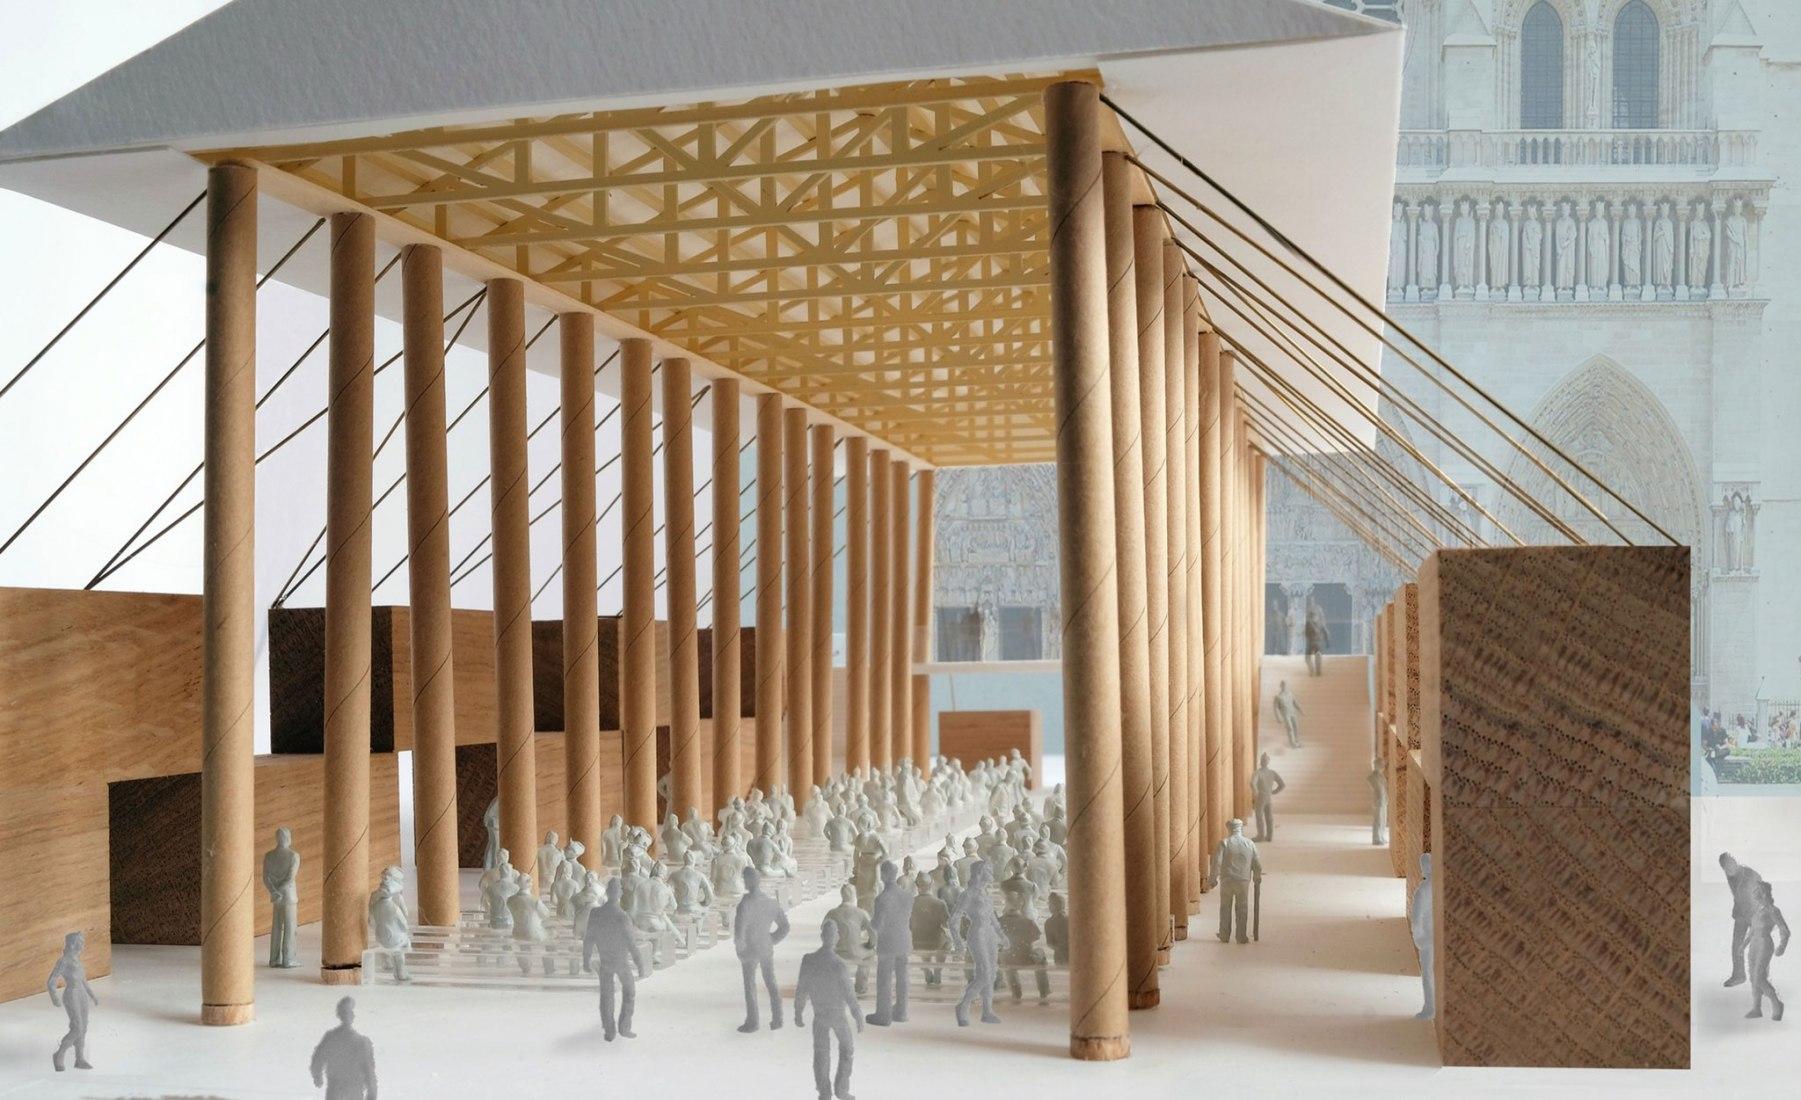 Detalle de maqueta. Pabellón temporal de Notre-Dame por Shigeru Ban Architects. Visualización por Shigeru Ban Architects